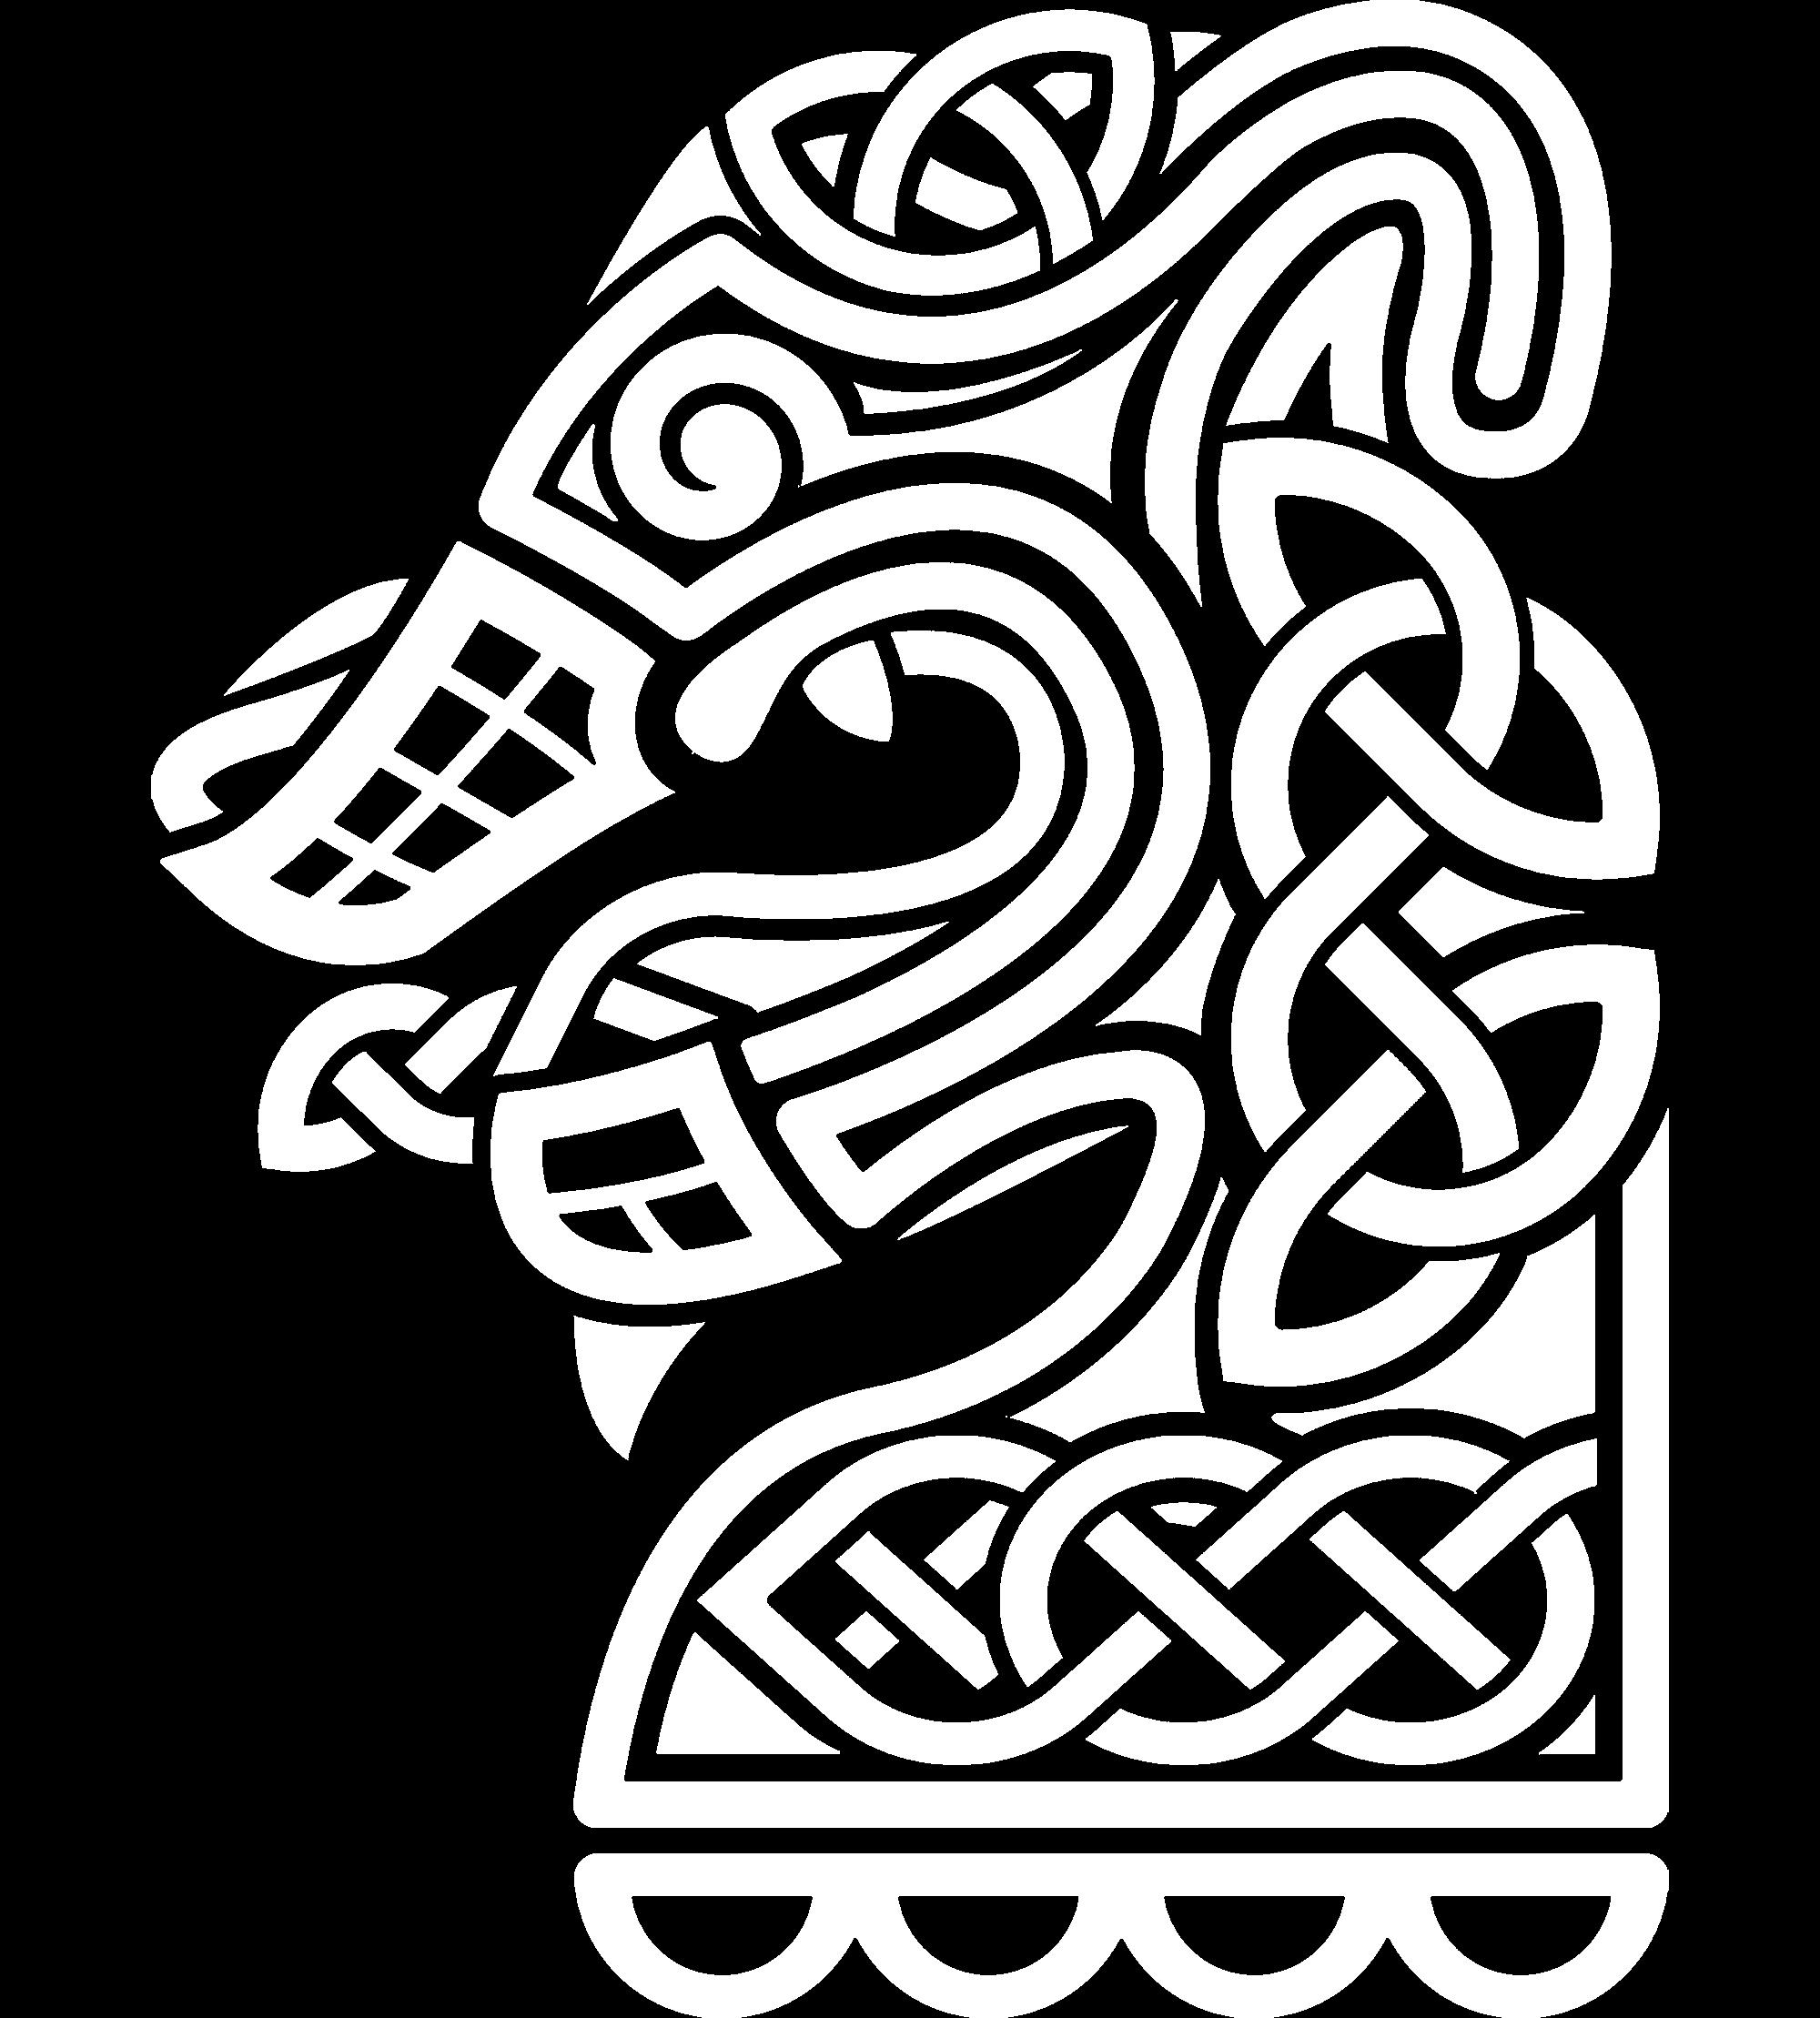 helluland_dragon_tattoo.png